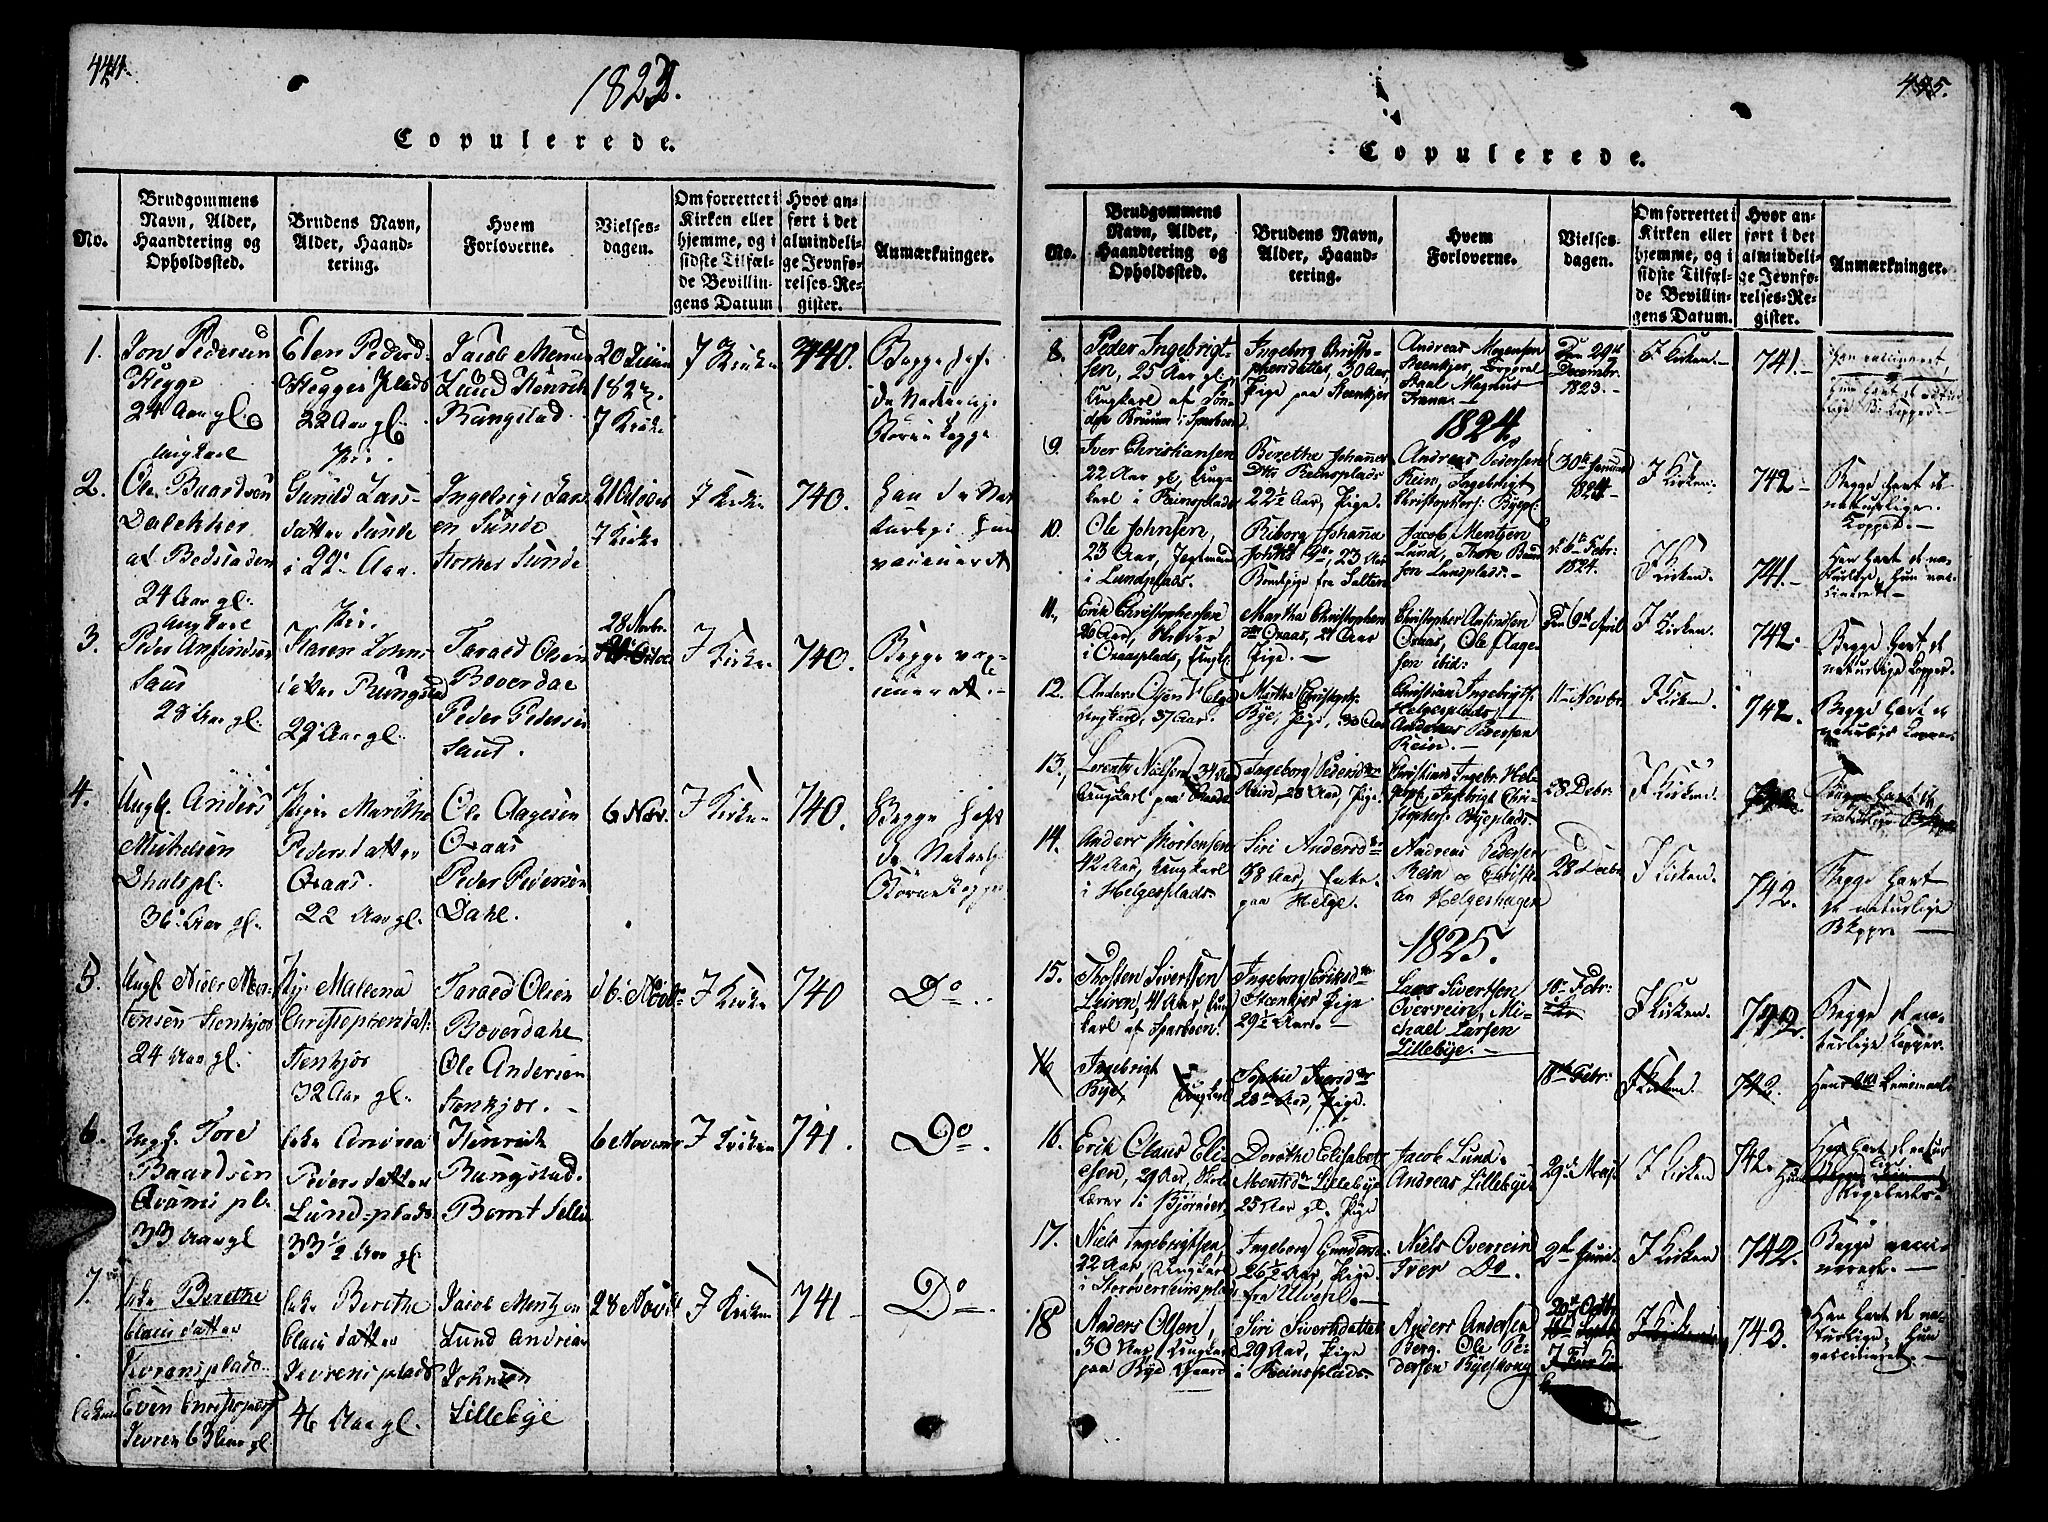 SAT, Ministerialprotokoller, klokkerbøker og fødselsregistre - Nord-Trøndelag, 746/L0441: Ministerialbok nr. 736A03 /3, 1816-1827, s. 444-445